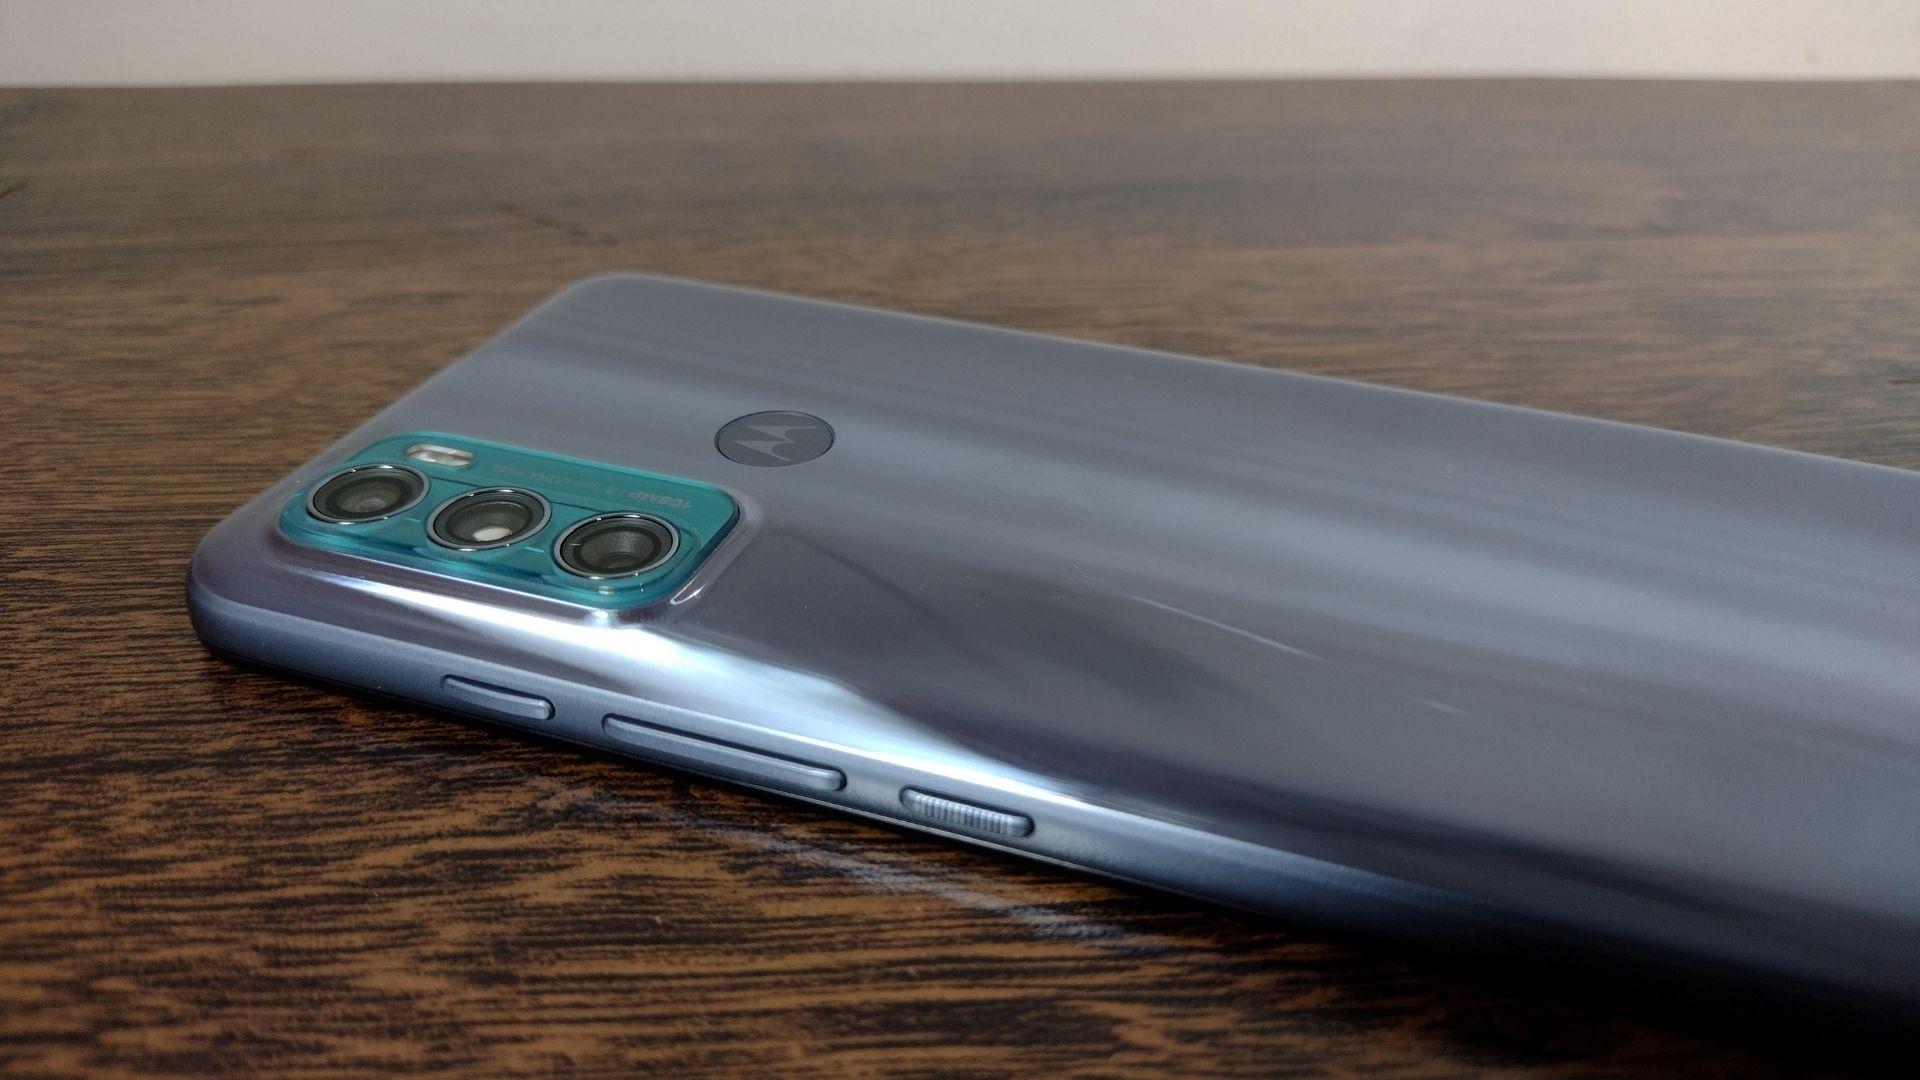 Foto mostra Moto G60 em cima de uma mesa e com parte traseira voltada para cima e com foco no conjunto de câmeras